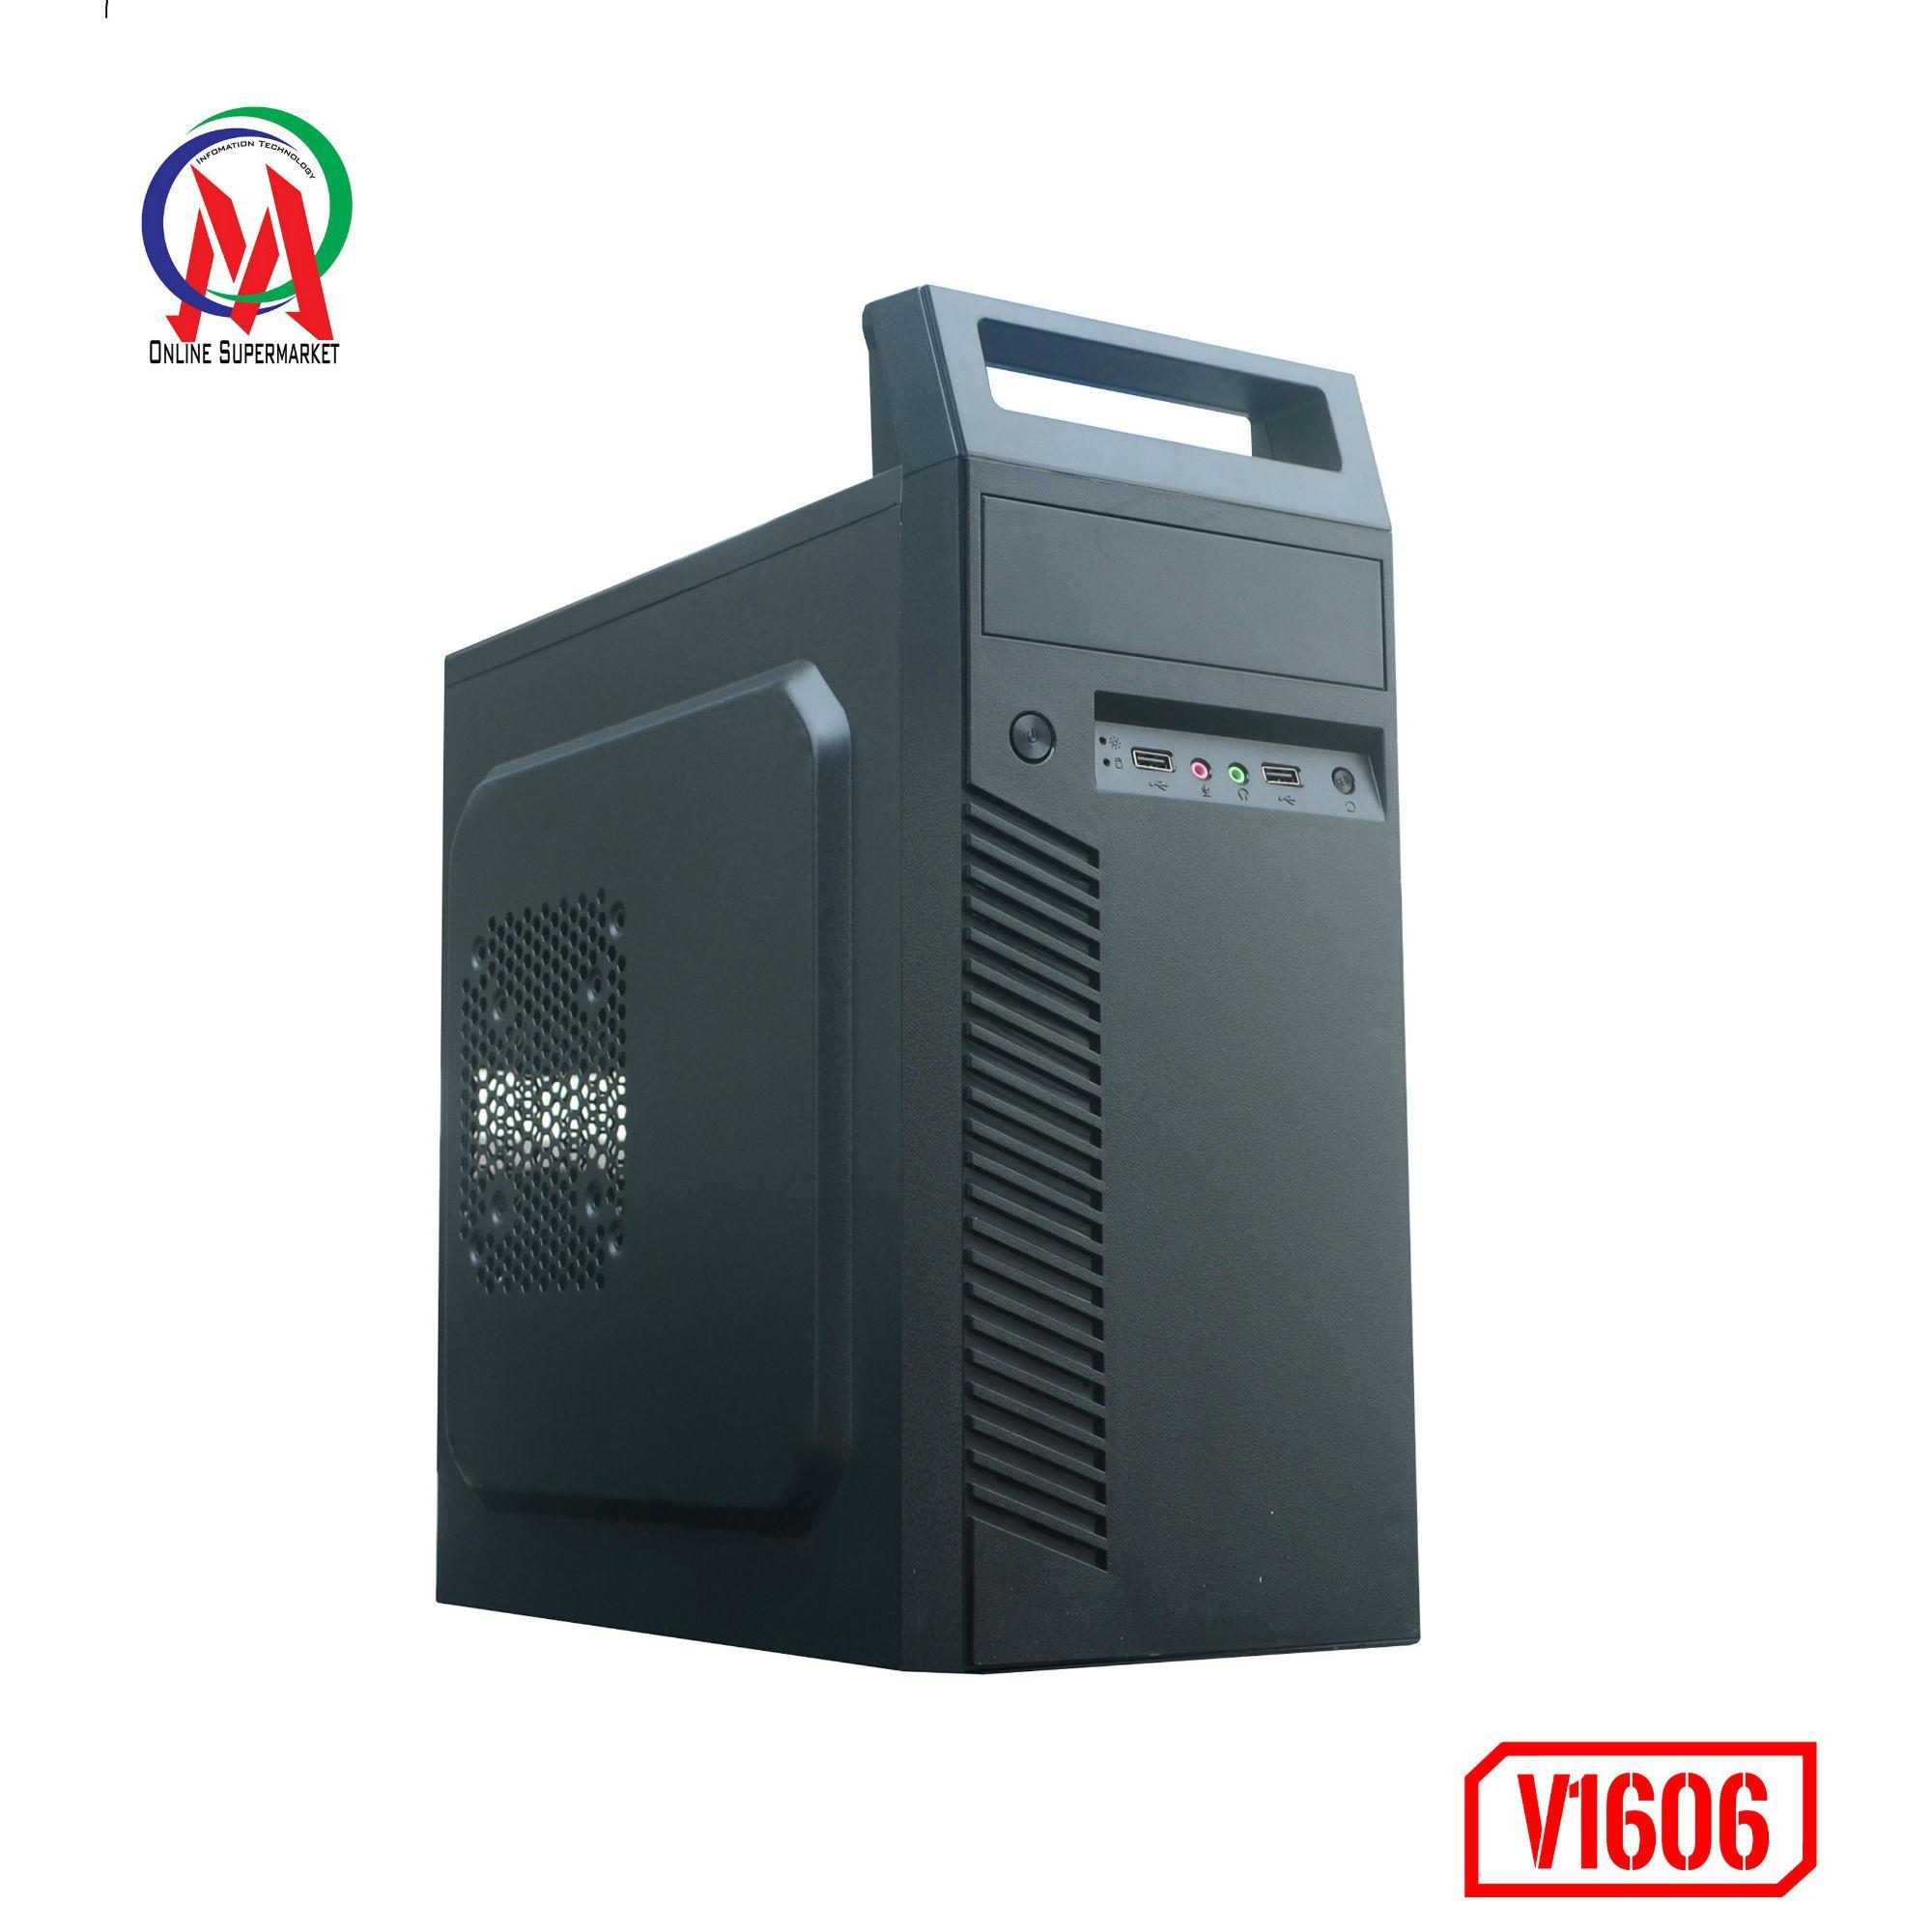 Vỏ Case máy tính VSP 1606